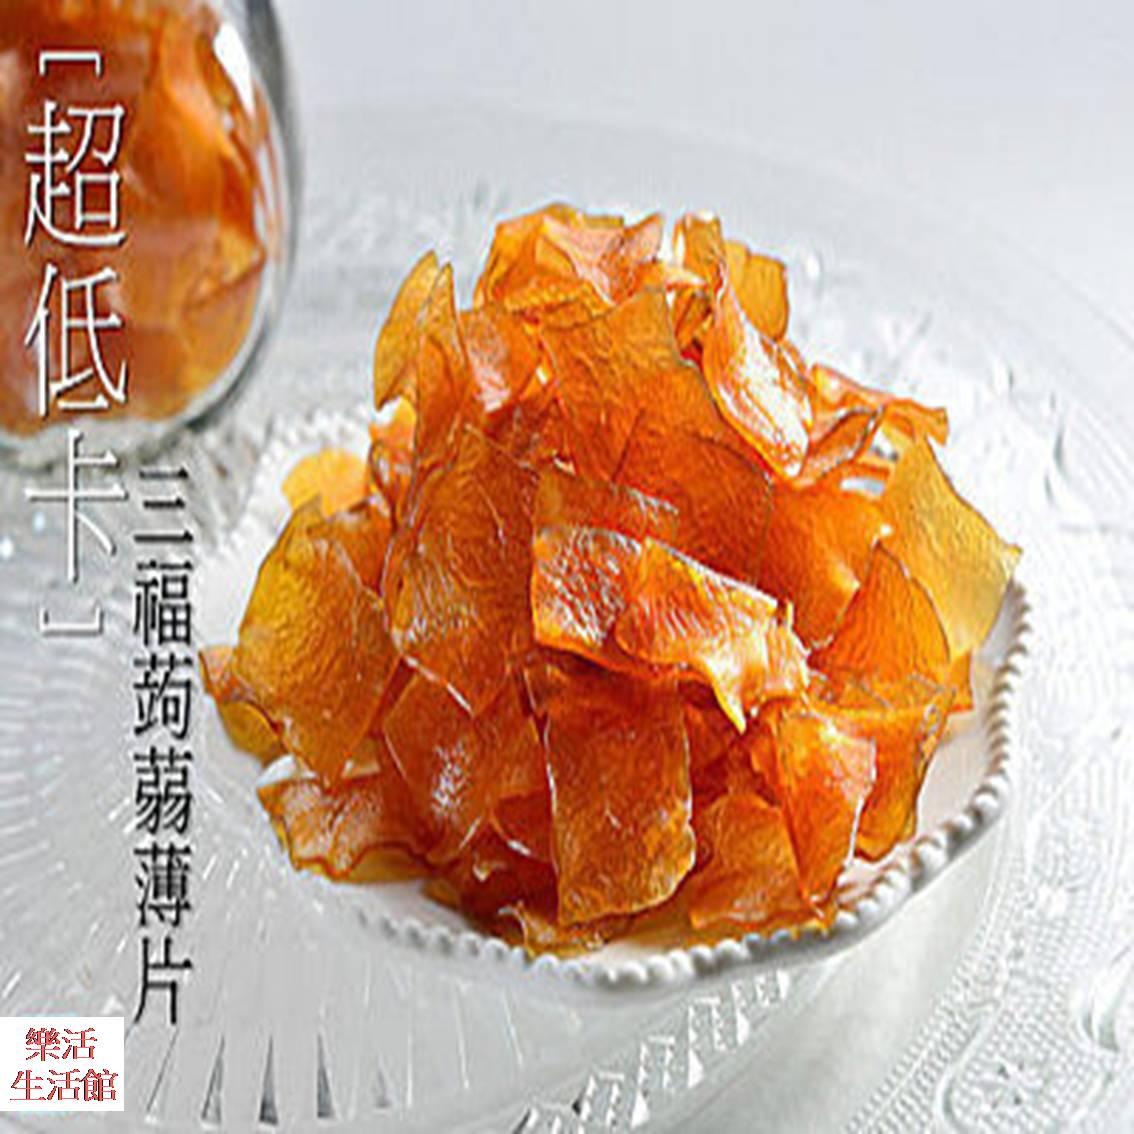 三福蒟蒻 (片)  大包裝 145g  (五香/黑胡椒/ 麻辣/ 纖梅    4 種口味)  樂活生活館